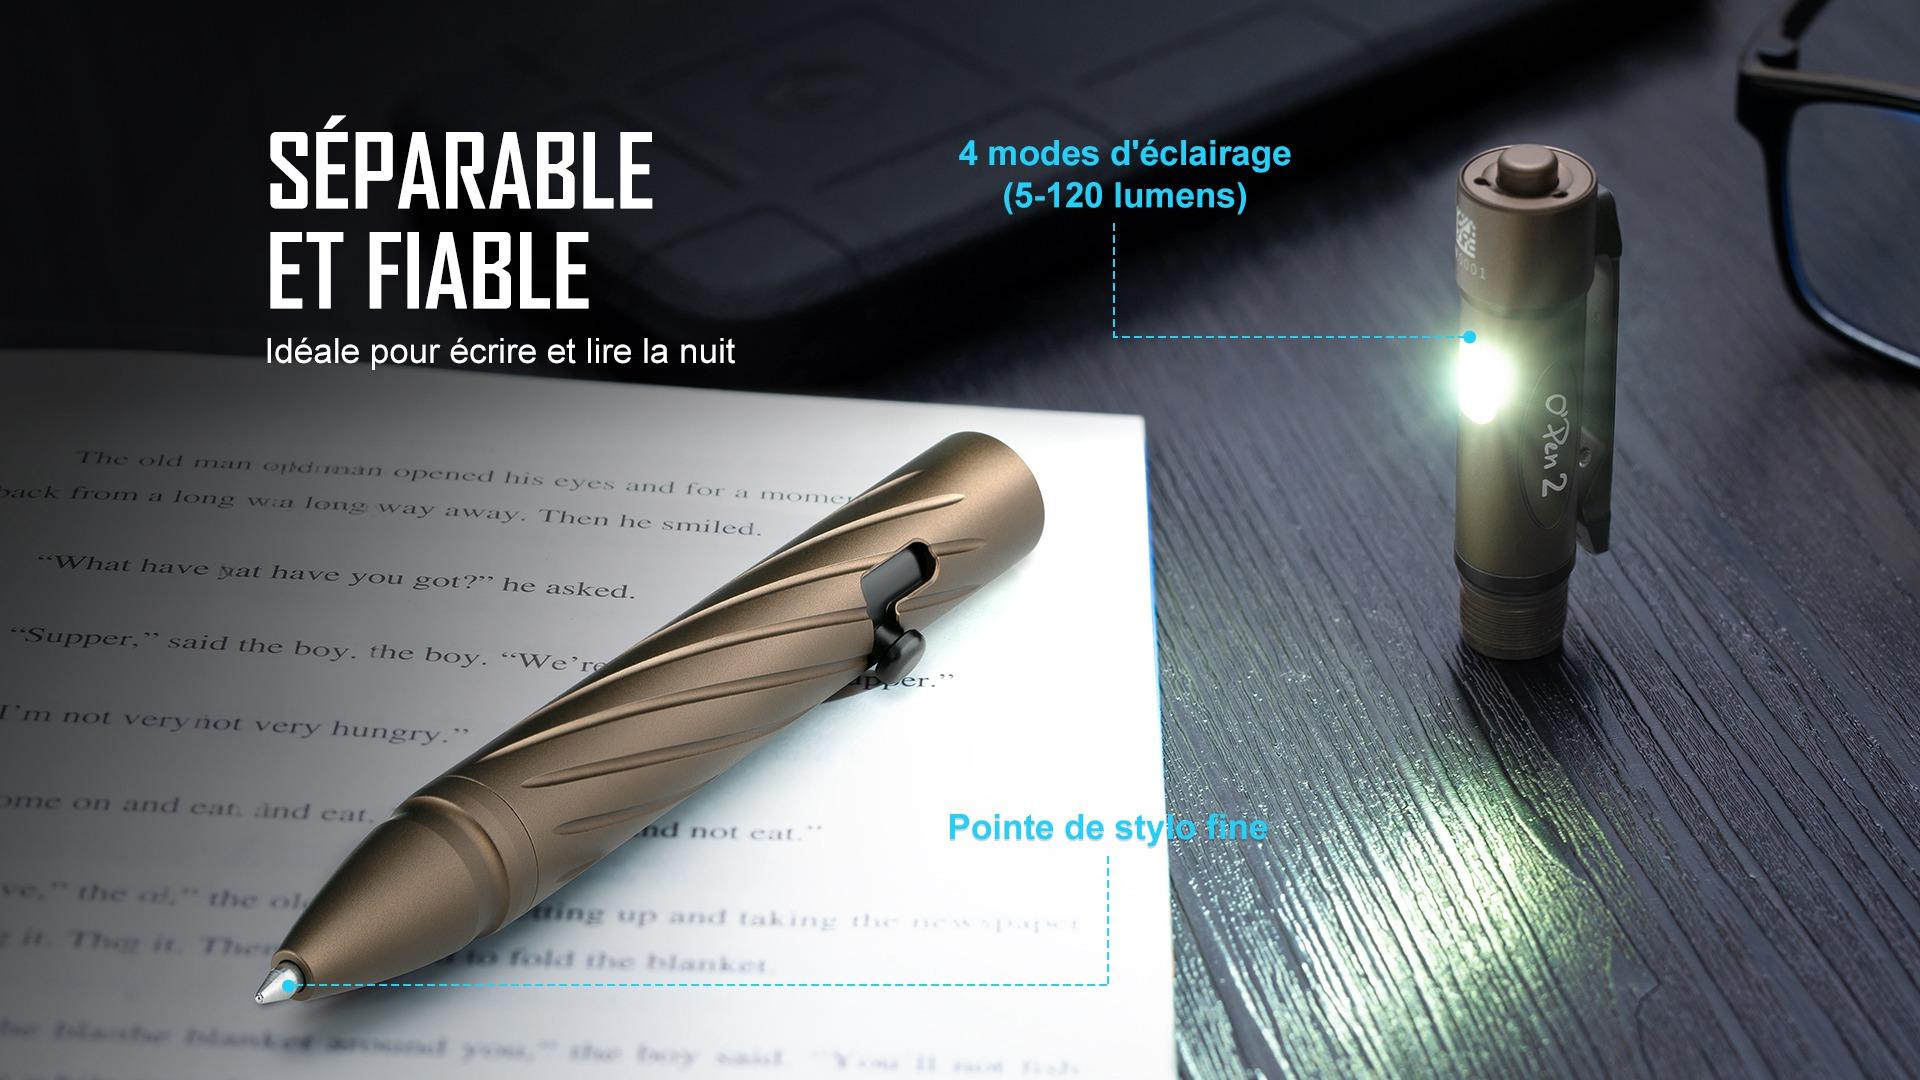 Open 2 peut être séparé en lampe de poche et stylo, 4 modes d'éclairage